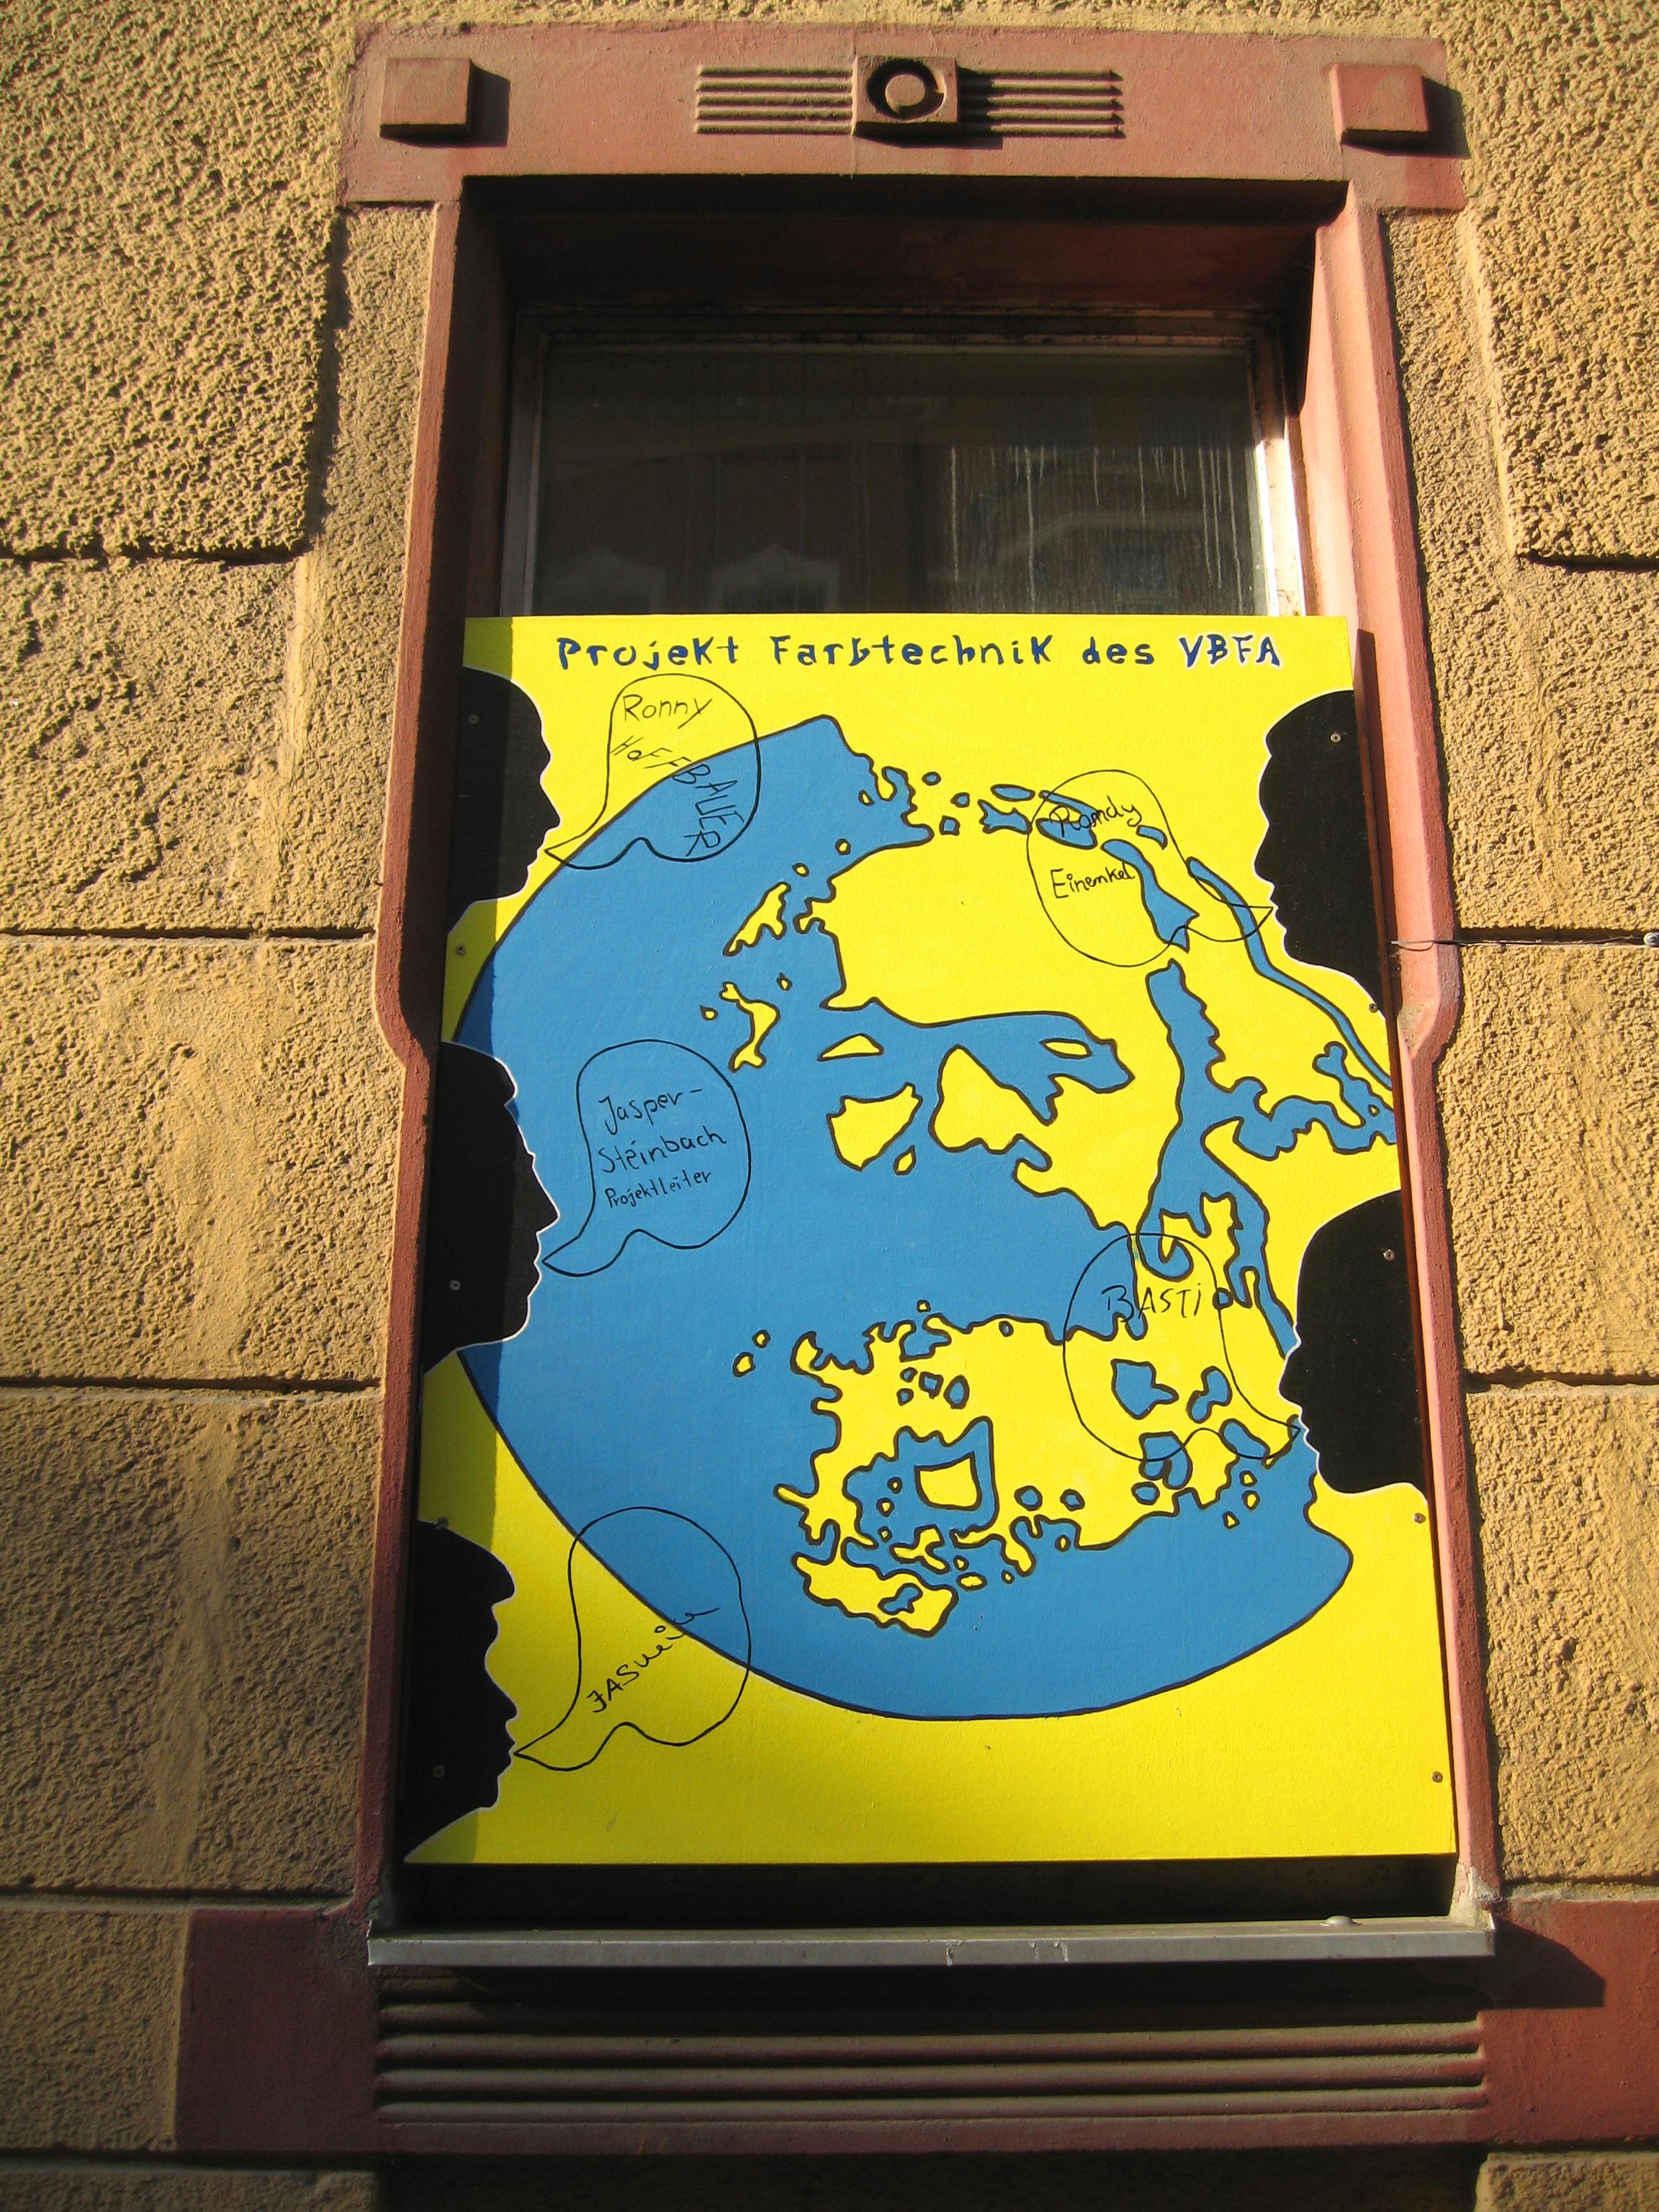 df98229a4ab860 File Chemnitz sonnenberg outdoor galerie karl marx bild.jpg ...